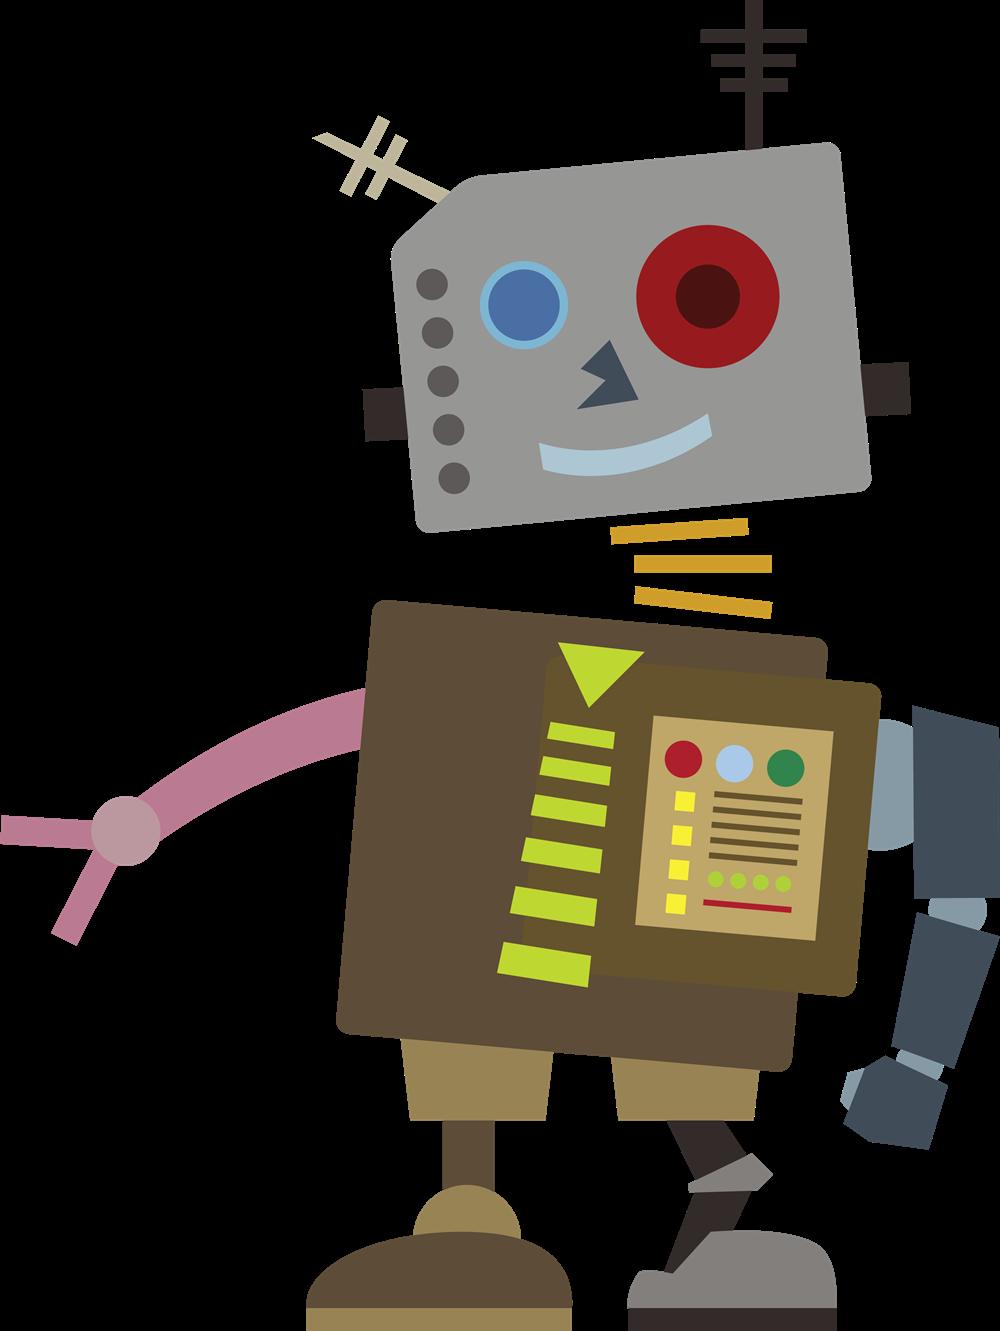 Robot clipart comic Can use wacky robot Clip